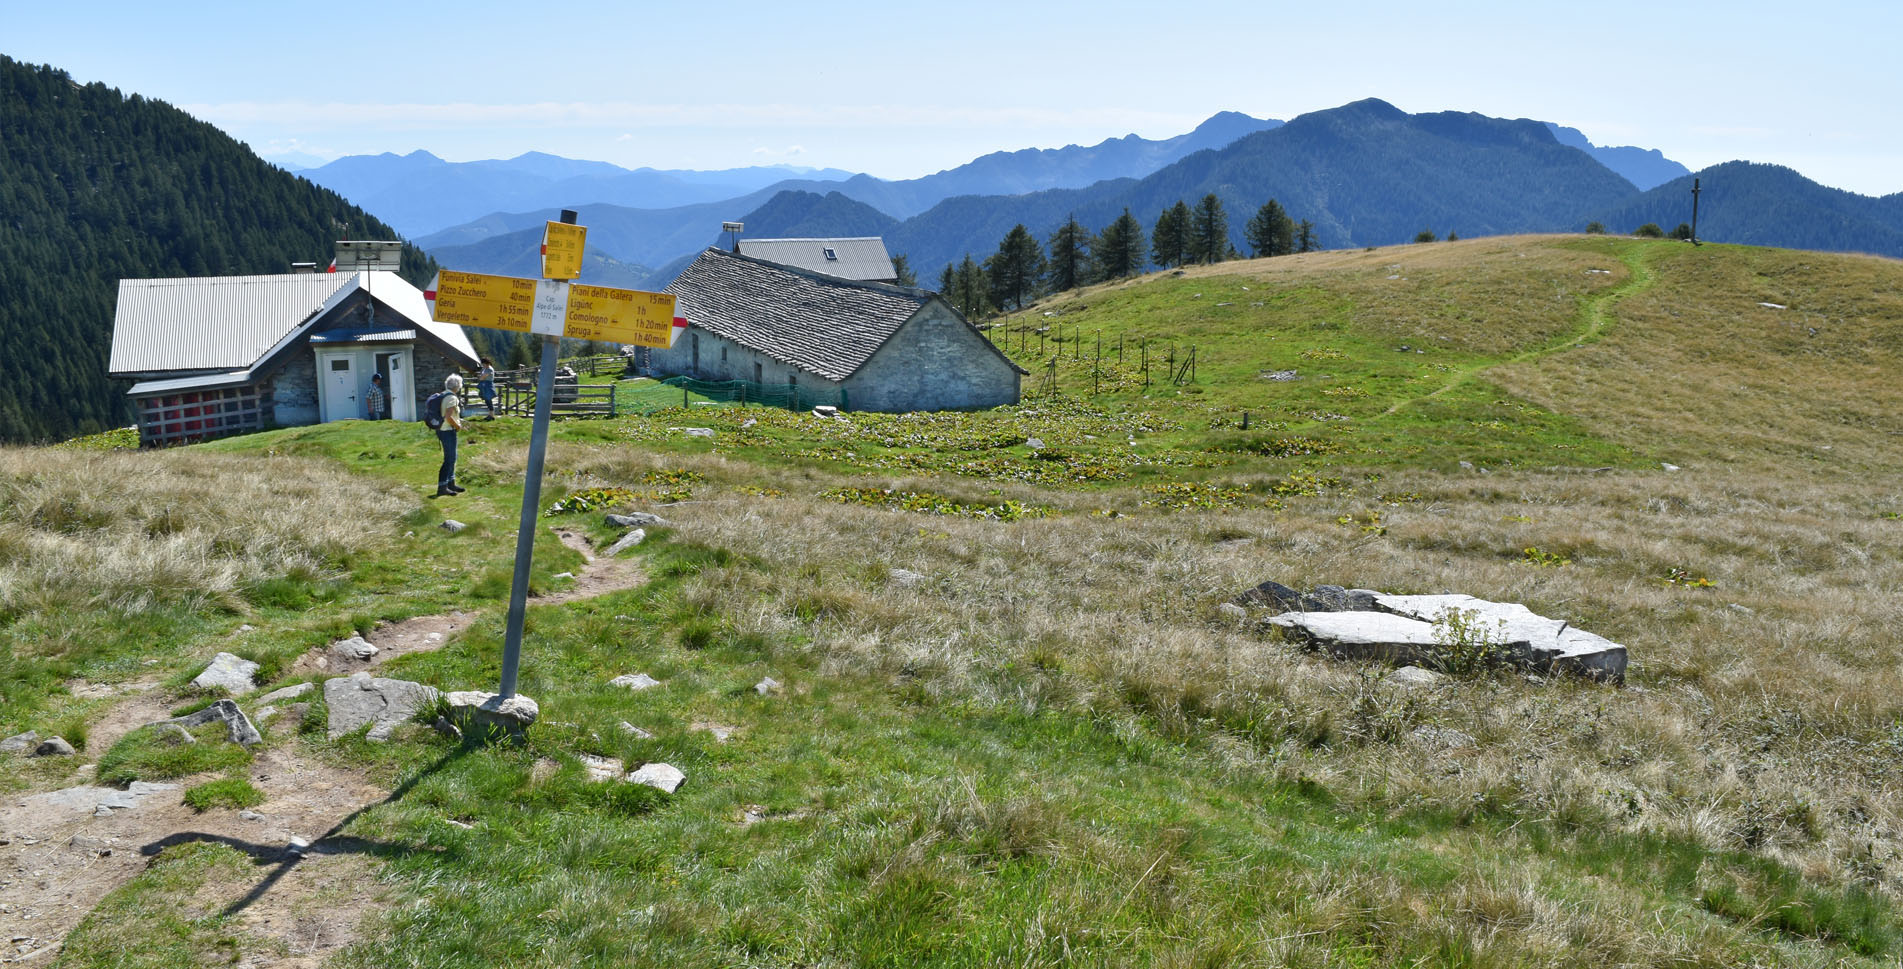 Herrliche Wanderung von der Alpe Salei auf den Grenzgipfel Pilone (2192 m.ü.M.) mit grandiosen Ausblicken ins Onsernone- und Vergelettotal. Unterwegs laden der malerische Laghetto Salei und die Capanna Alpe Salei zur Pause ein.